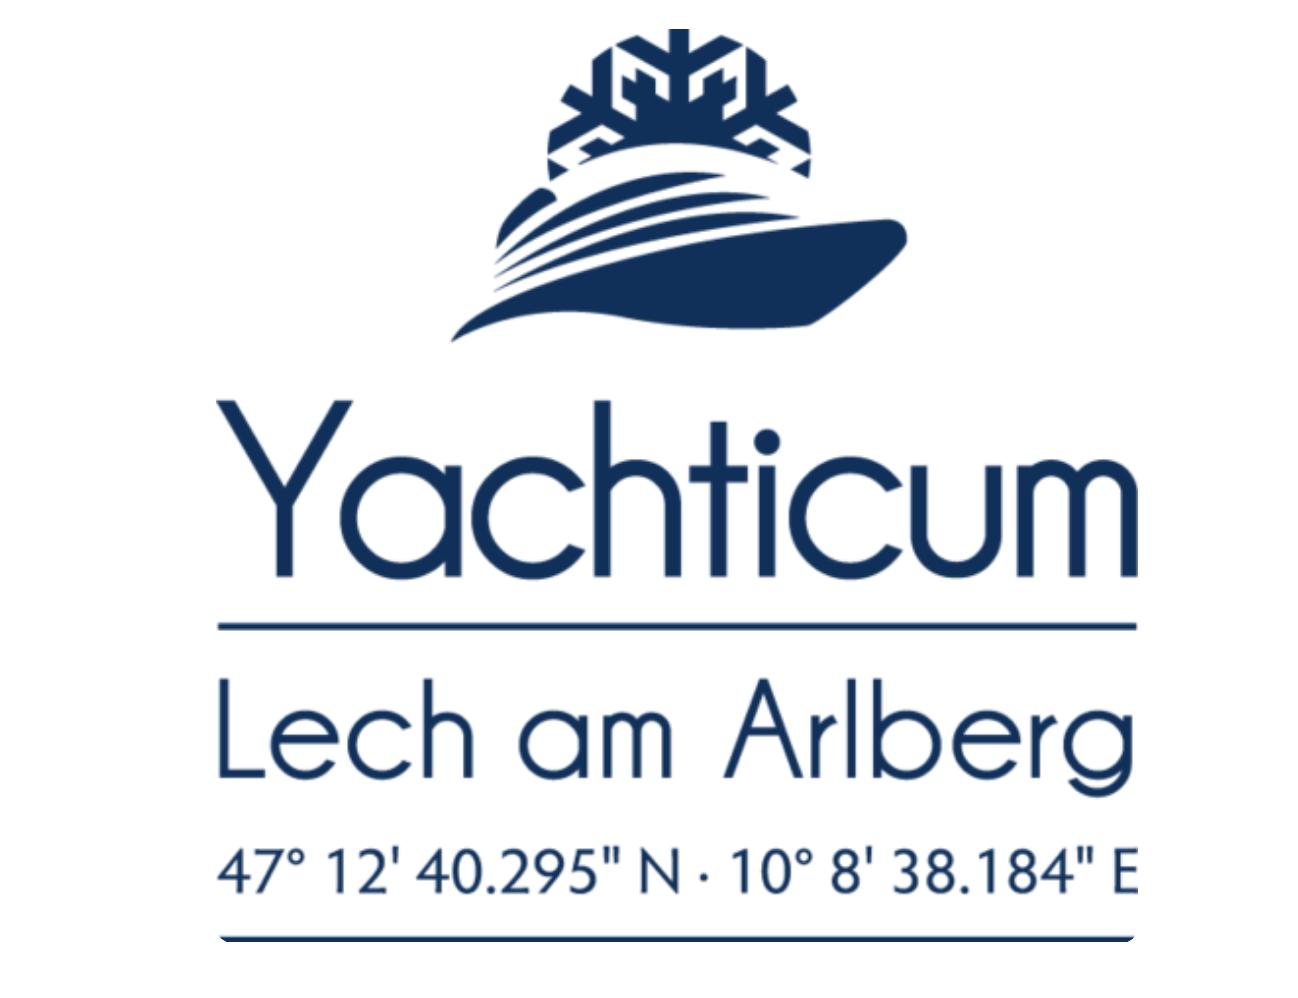 Yachticum